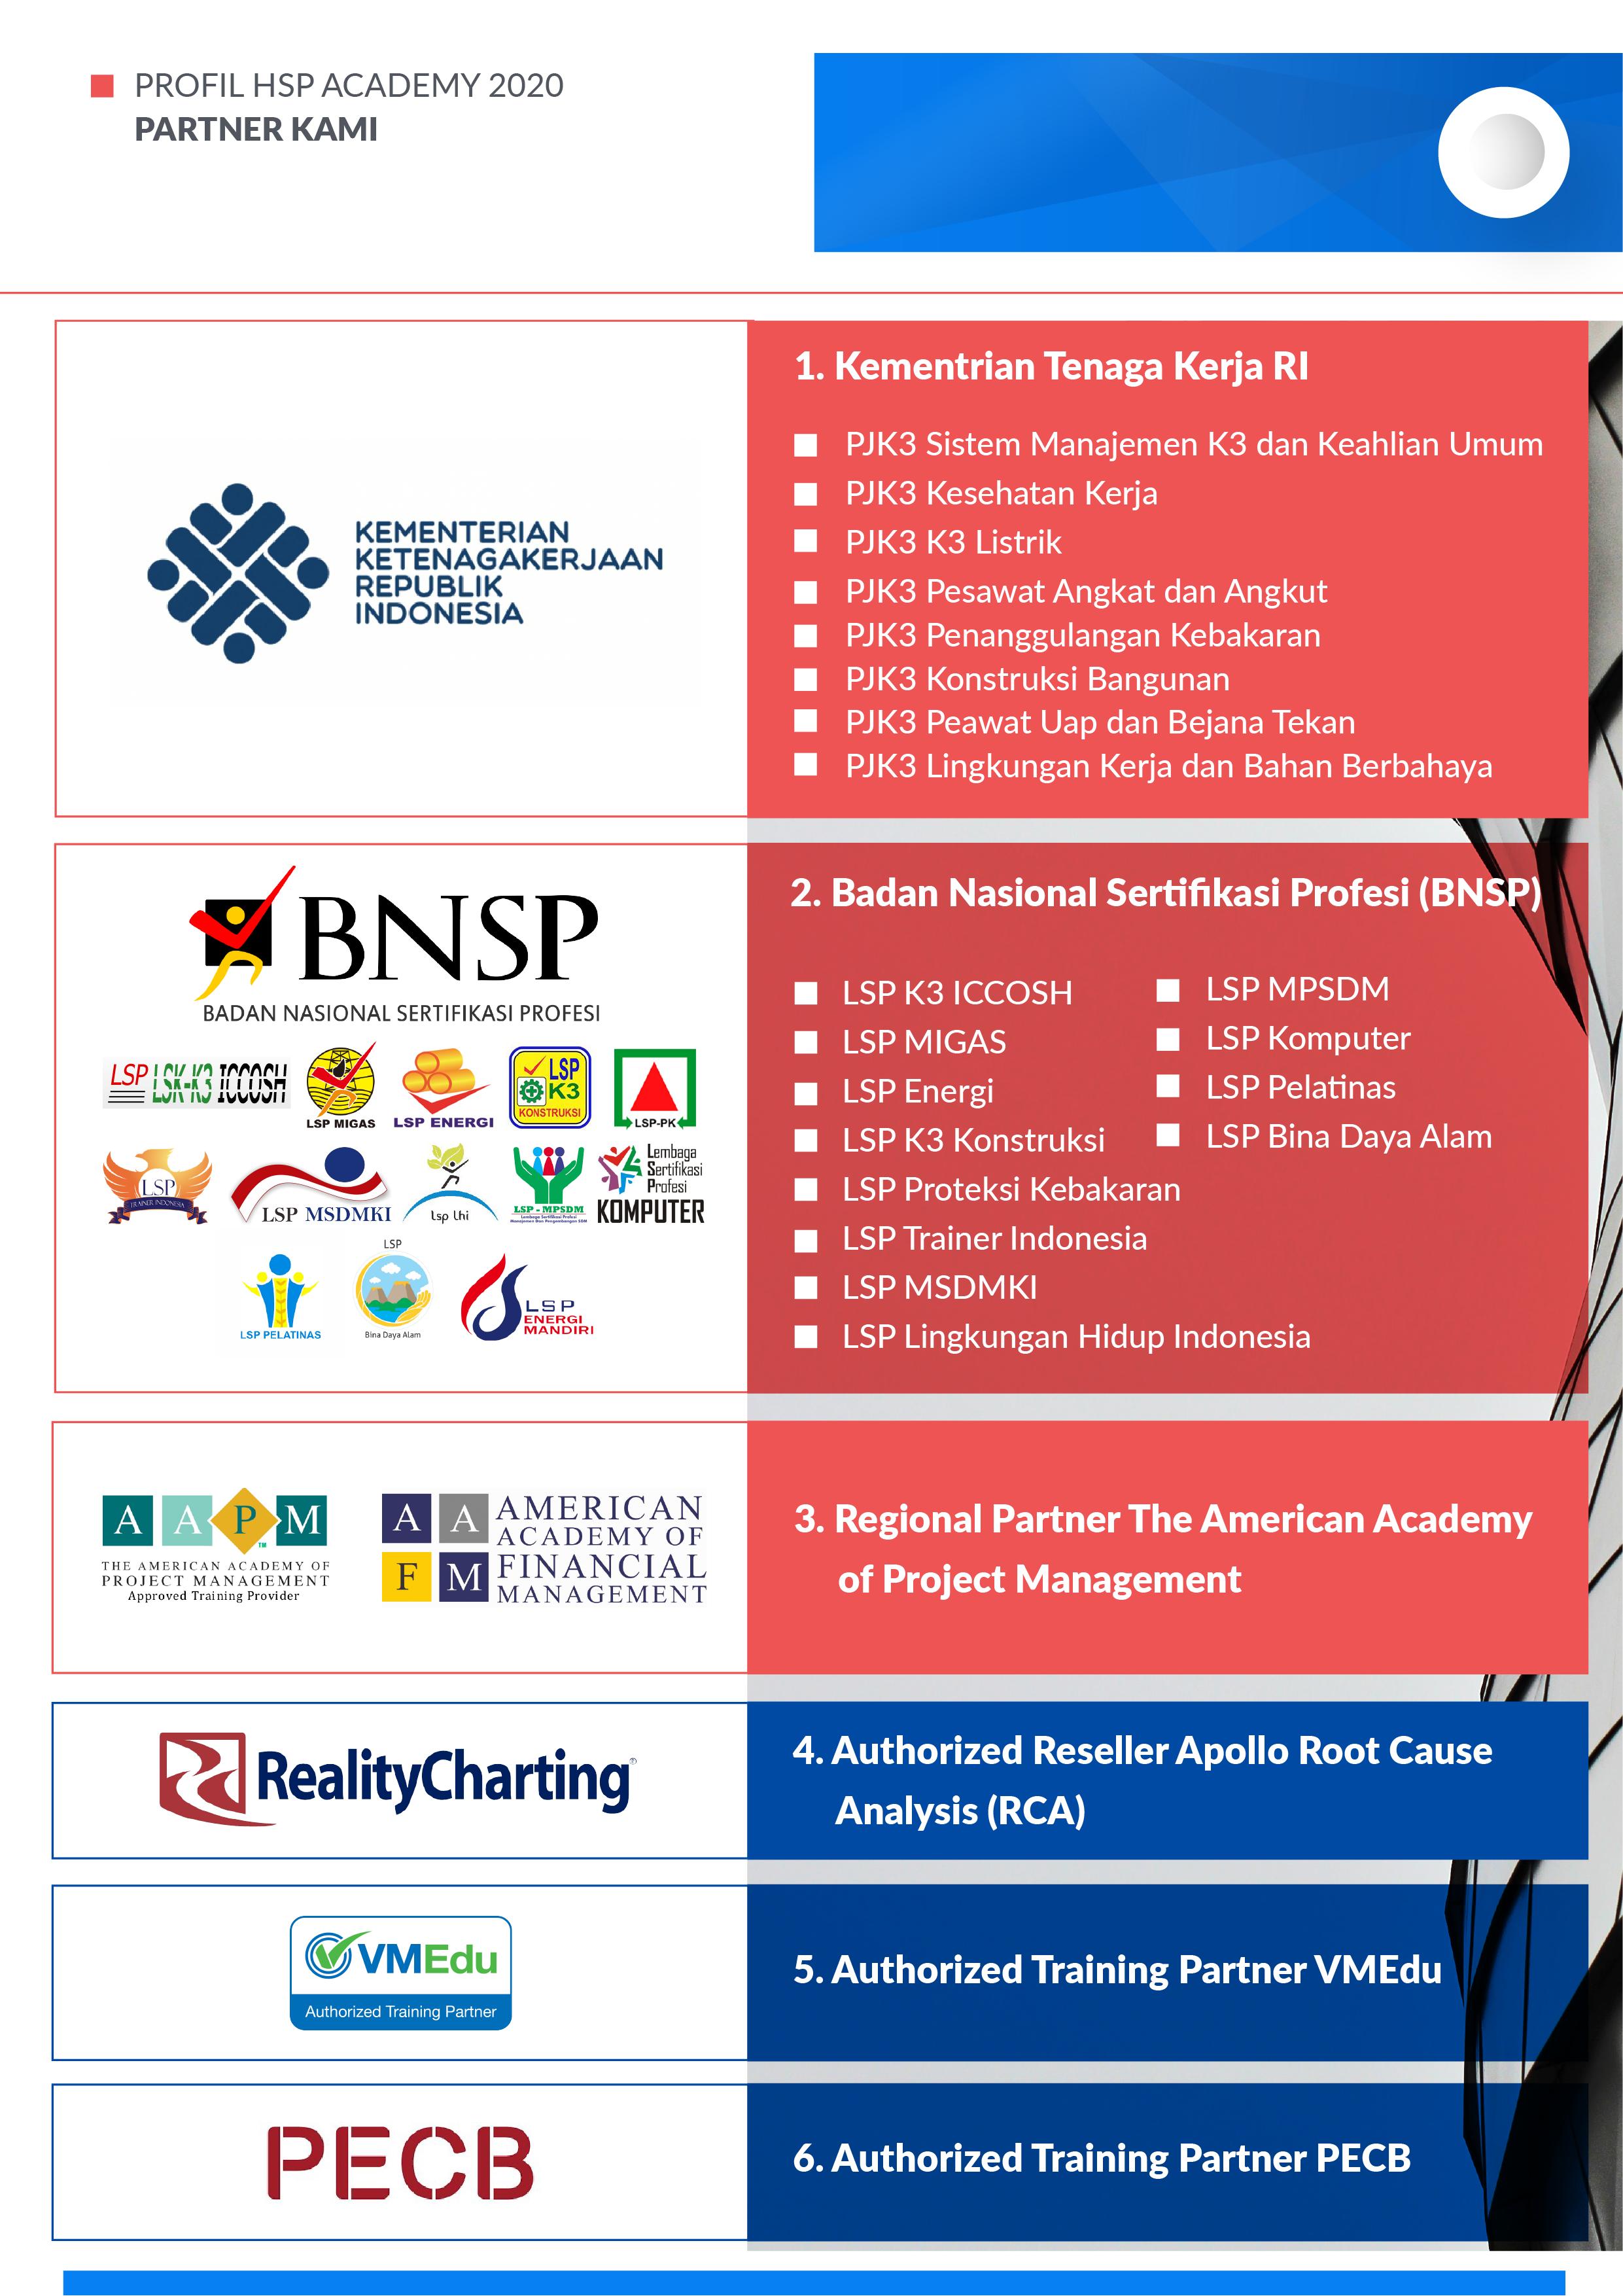 Profil Perusahaan HSP Academy 2020 - Bagian 1-12